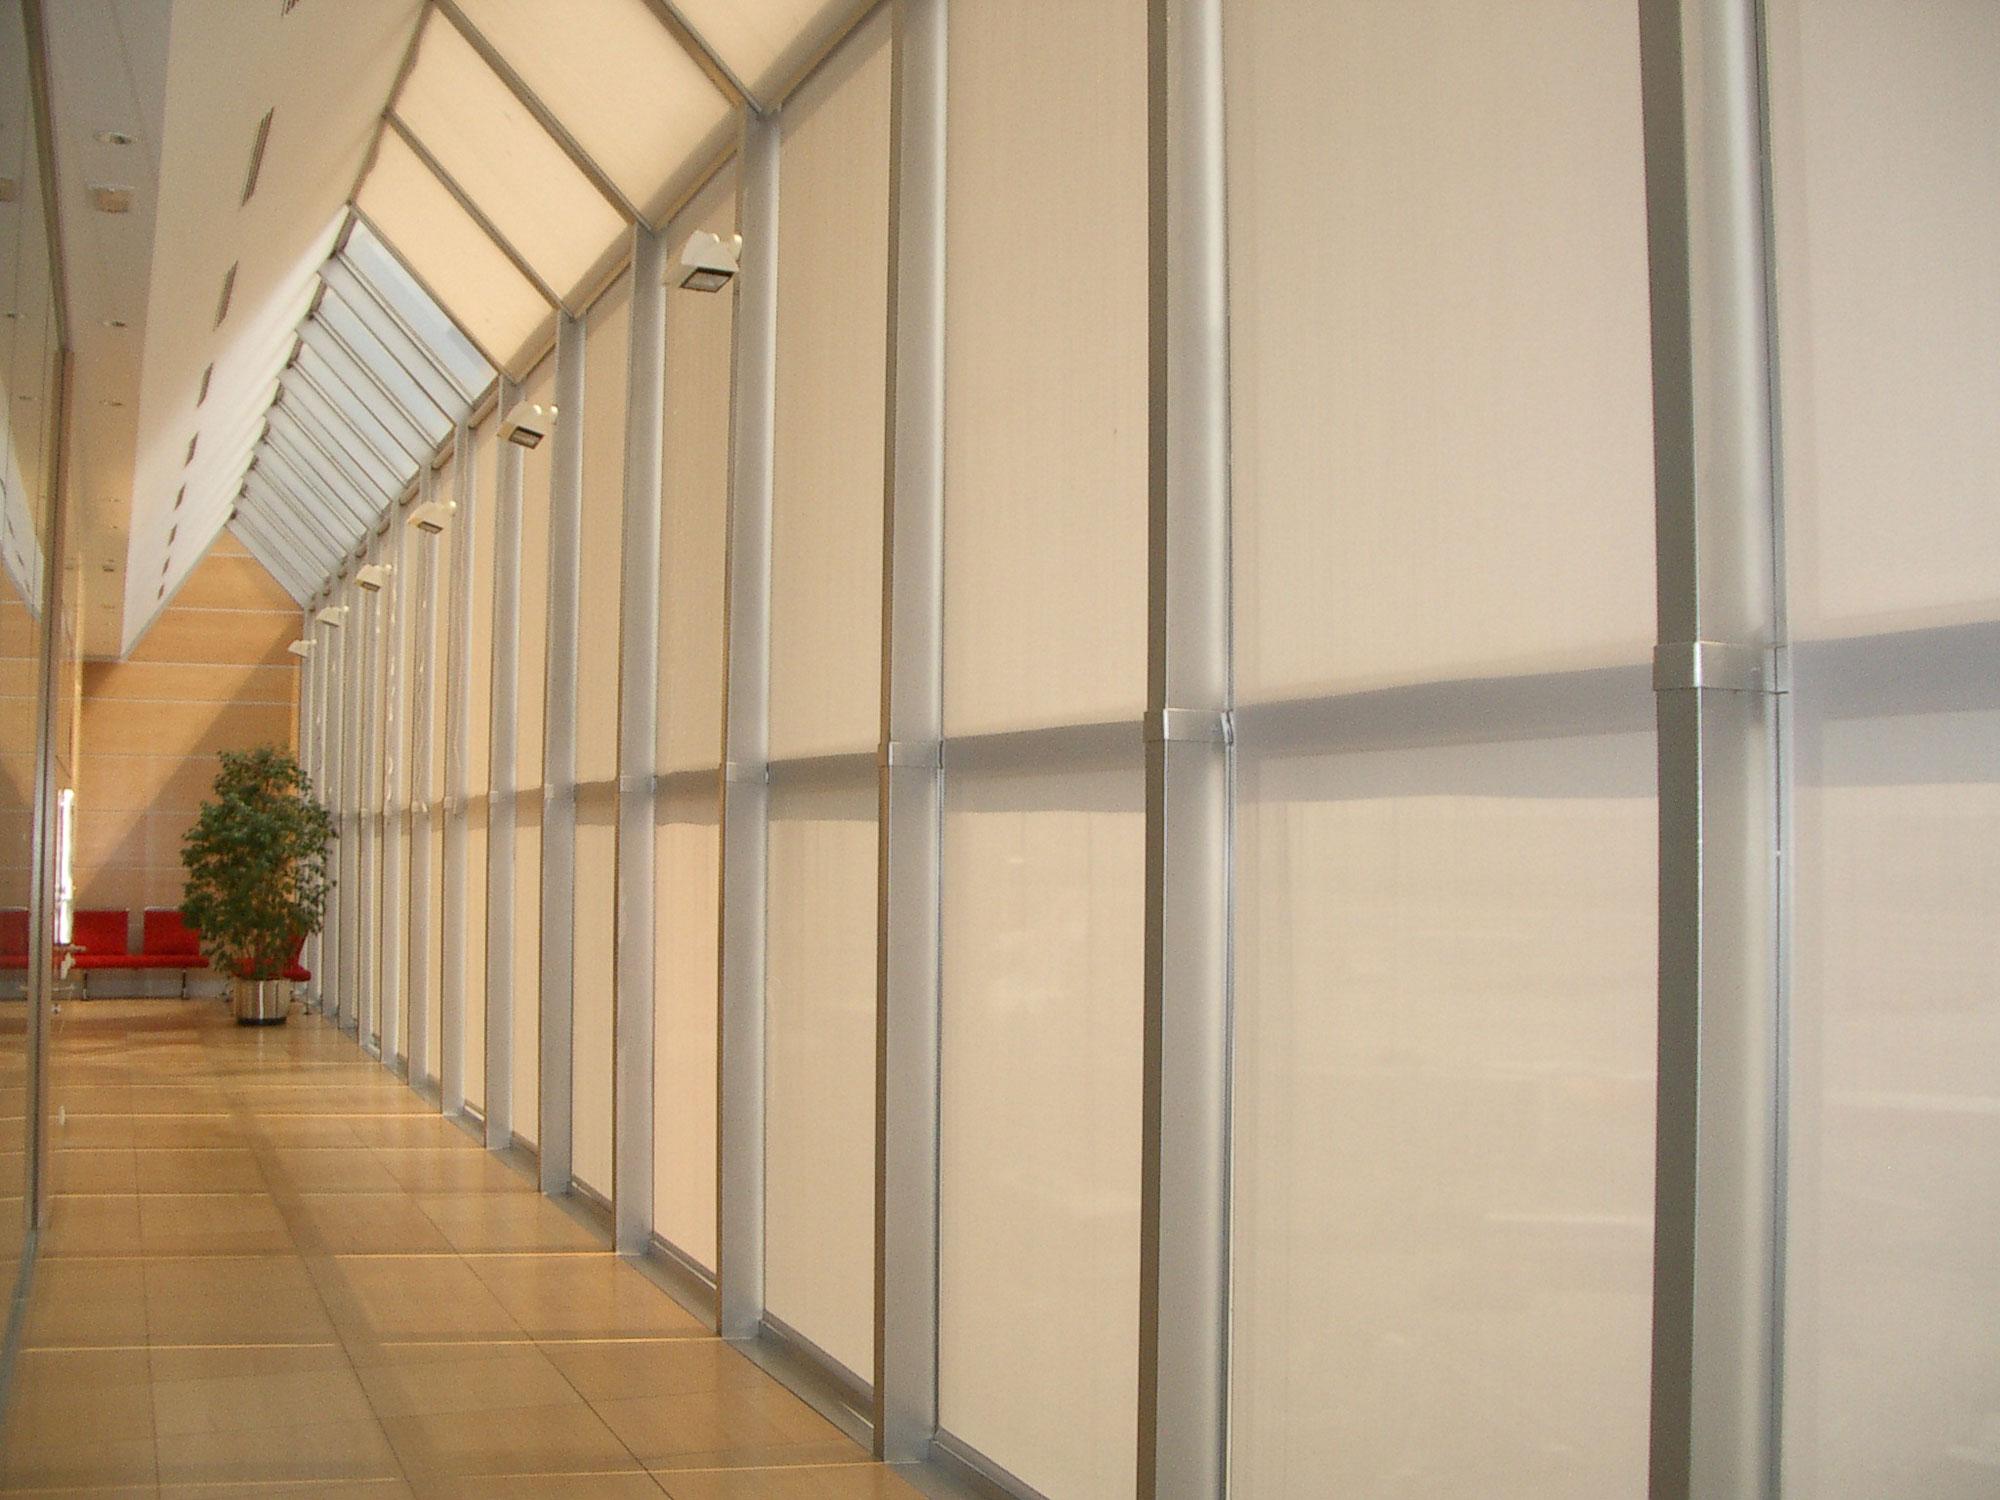 Obras realizadas cerramientos y ventanas en madrid - Estores enrollables motorizados ...